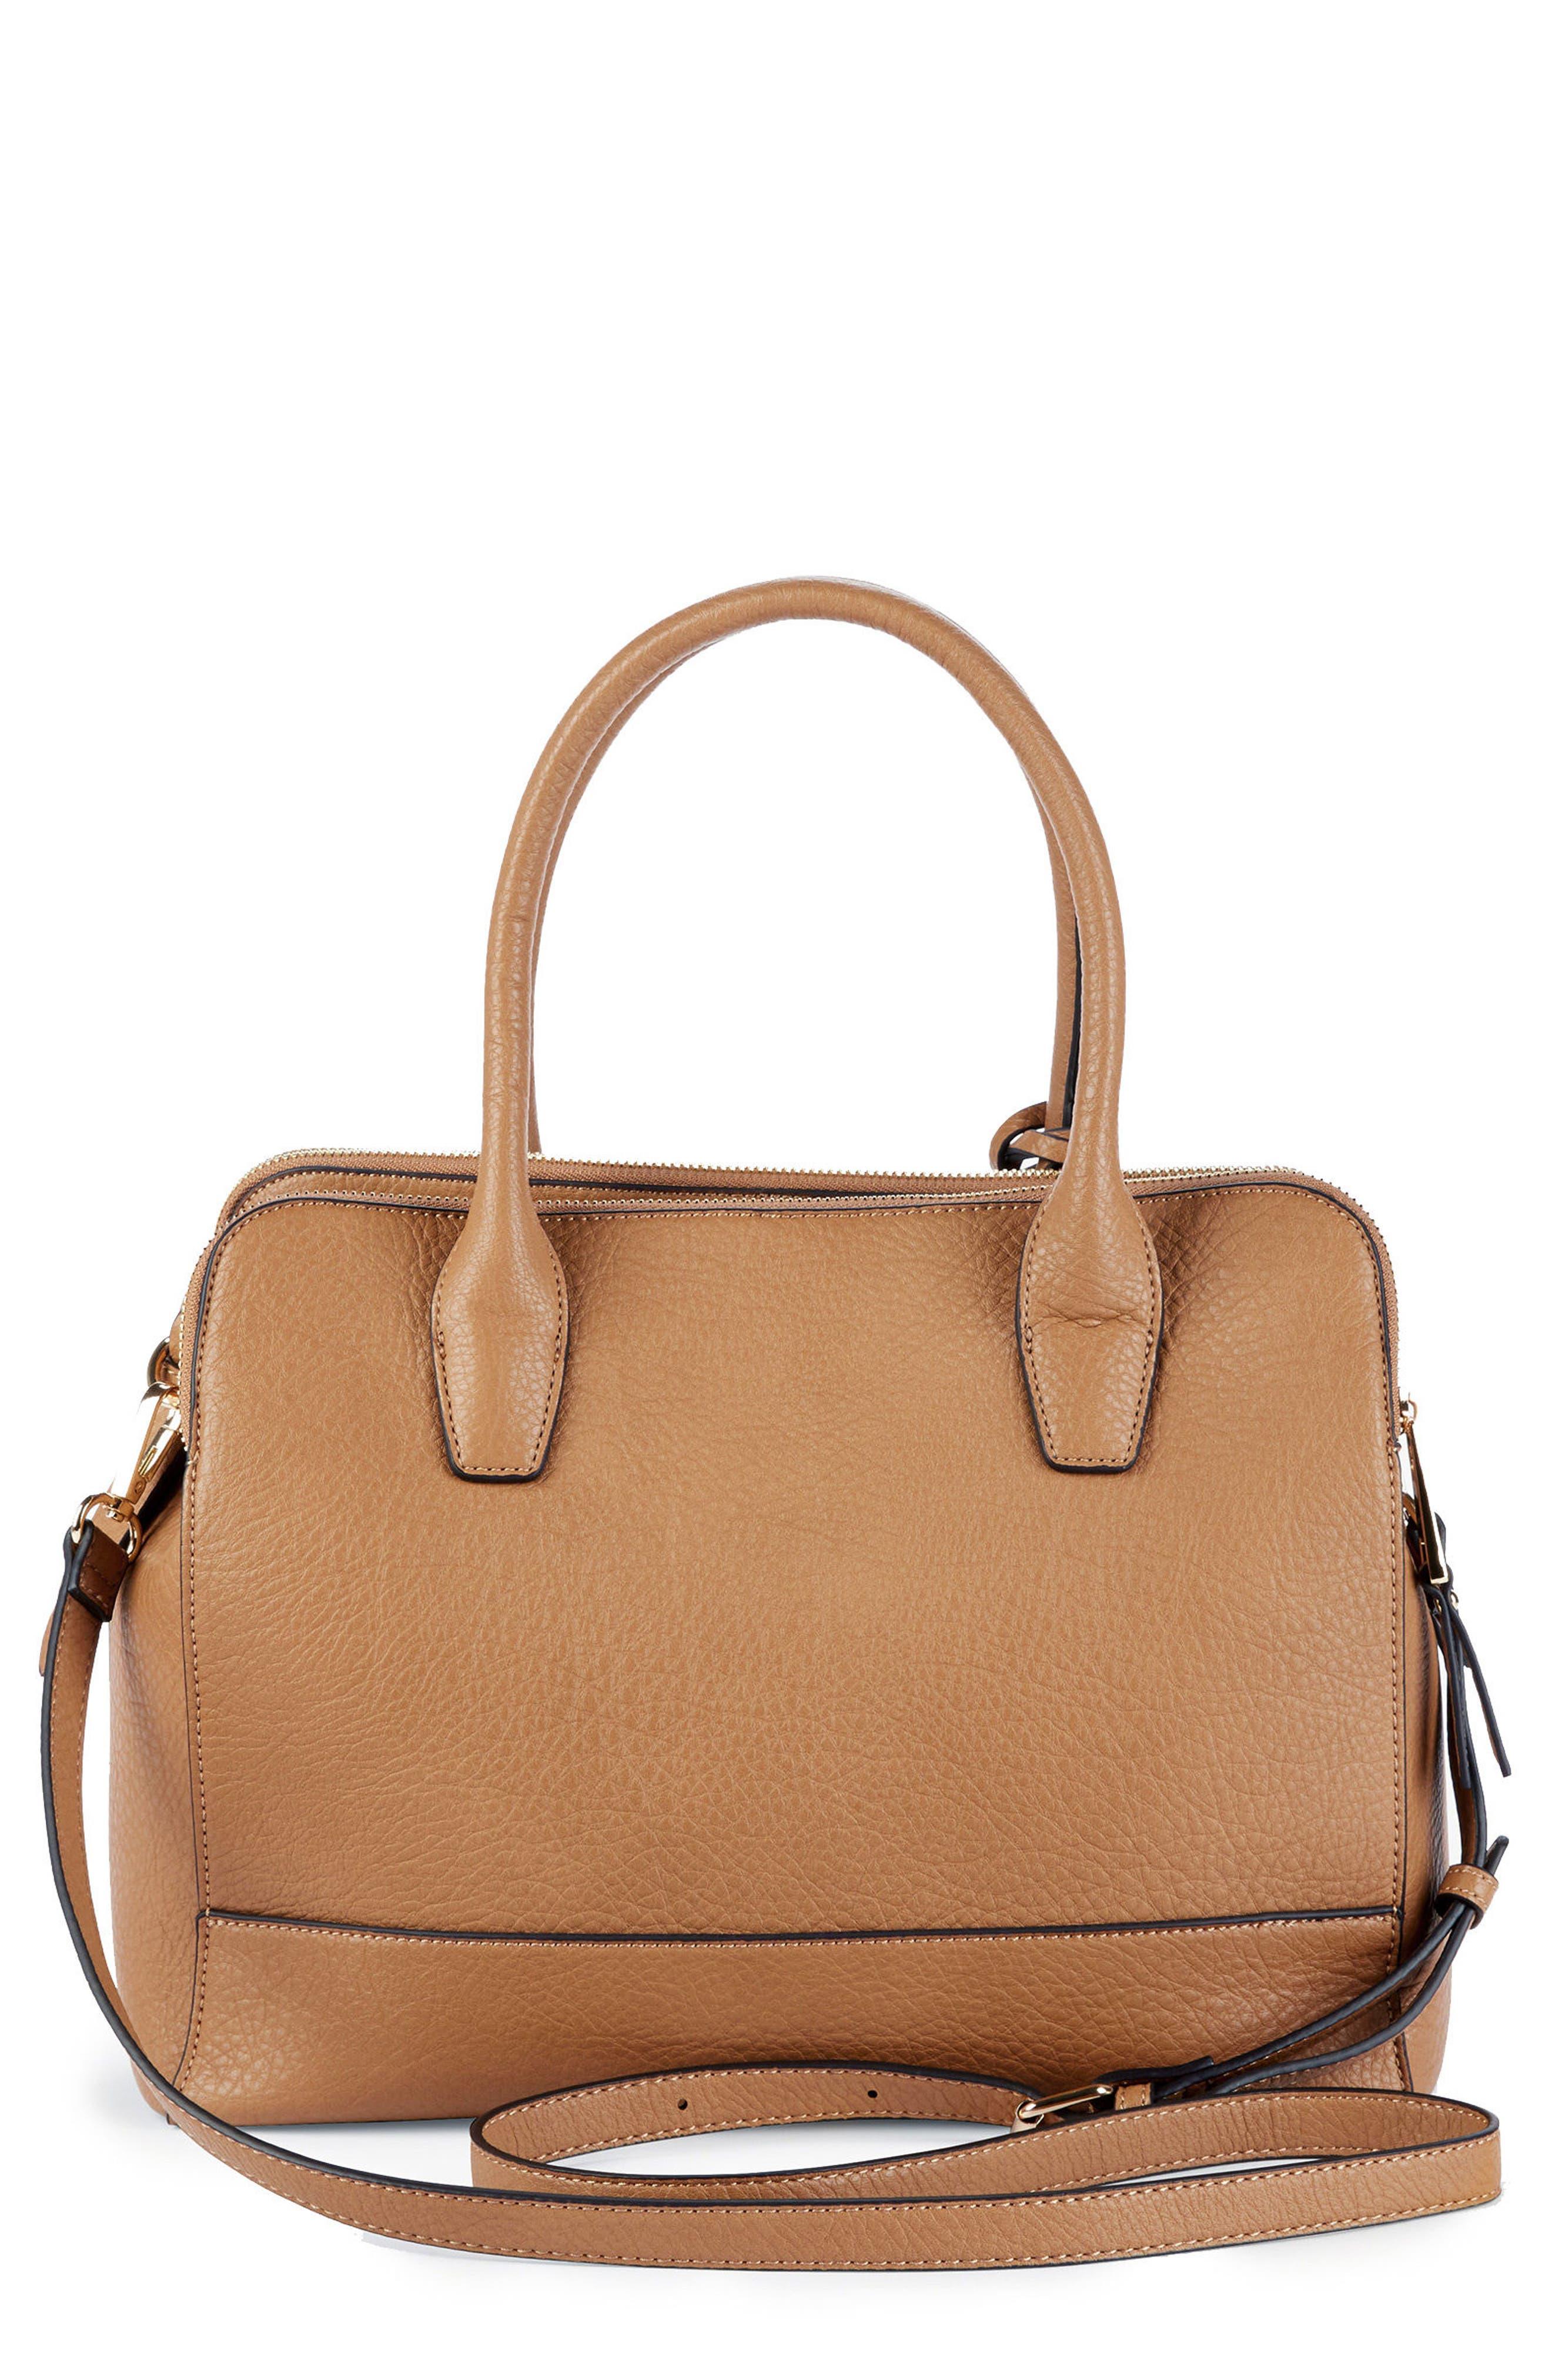 Nera Faux Leather Satchel,                         Main,                         color, 230